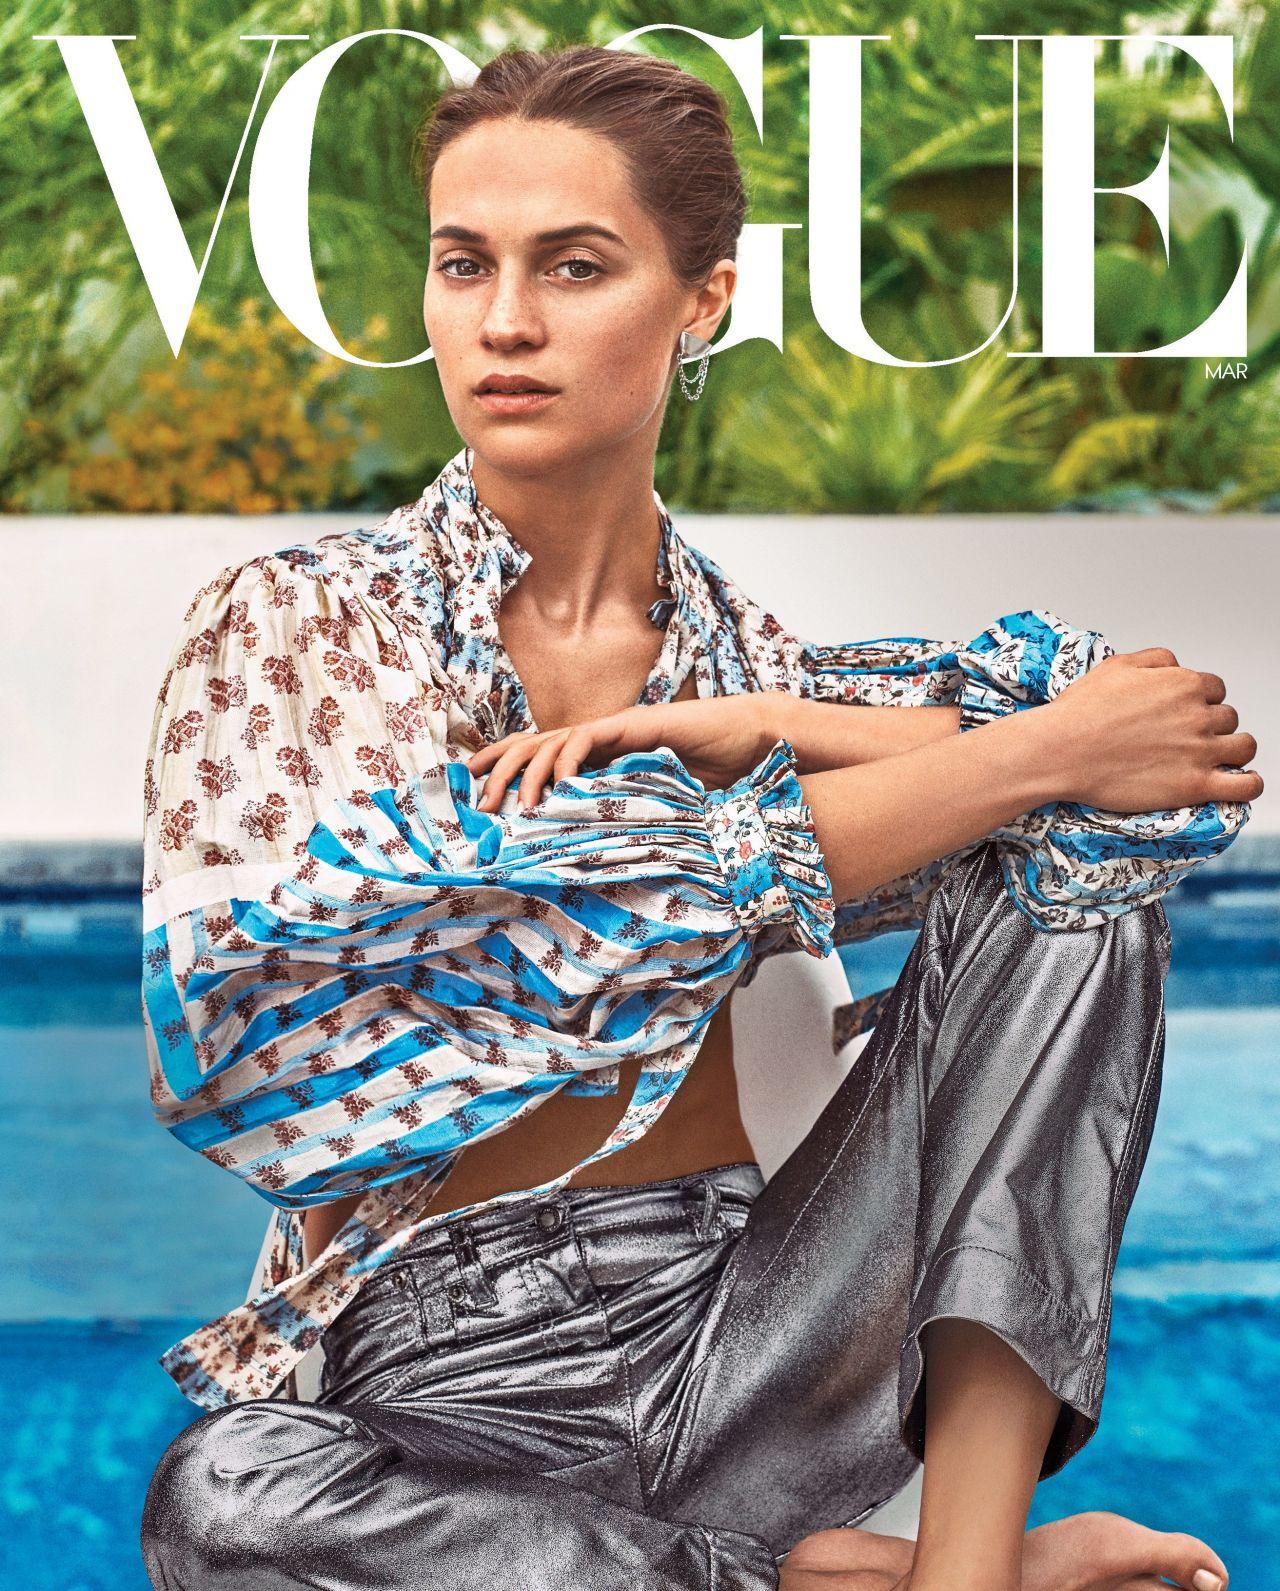 Alicia Vikander Vogue March 2018